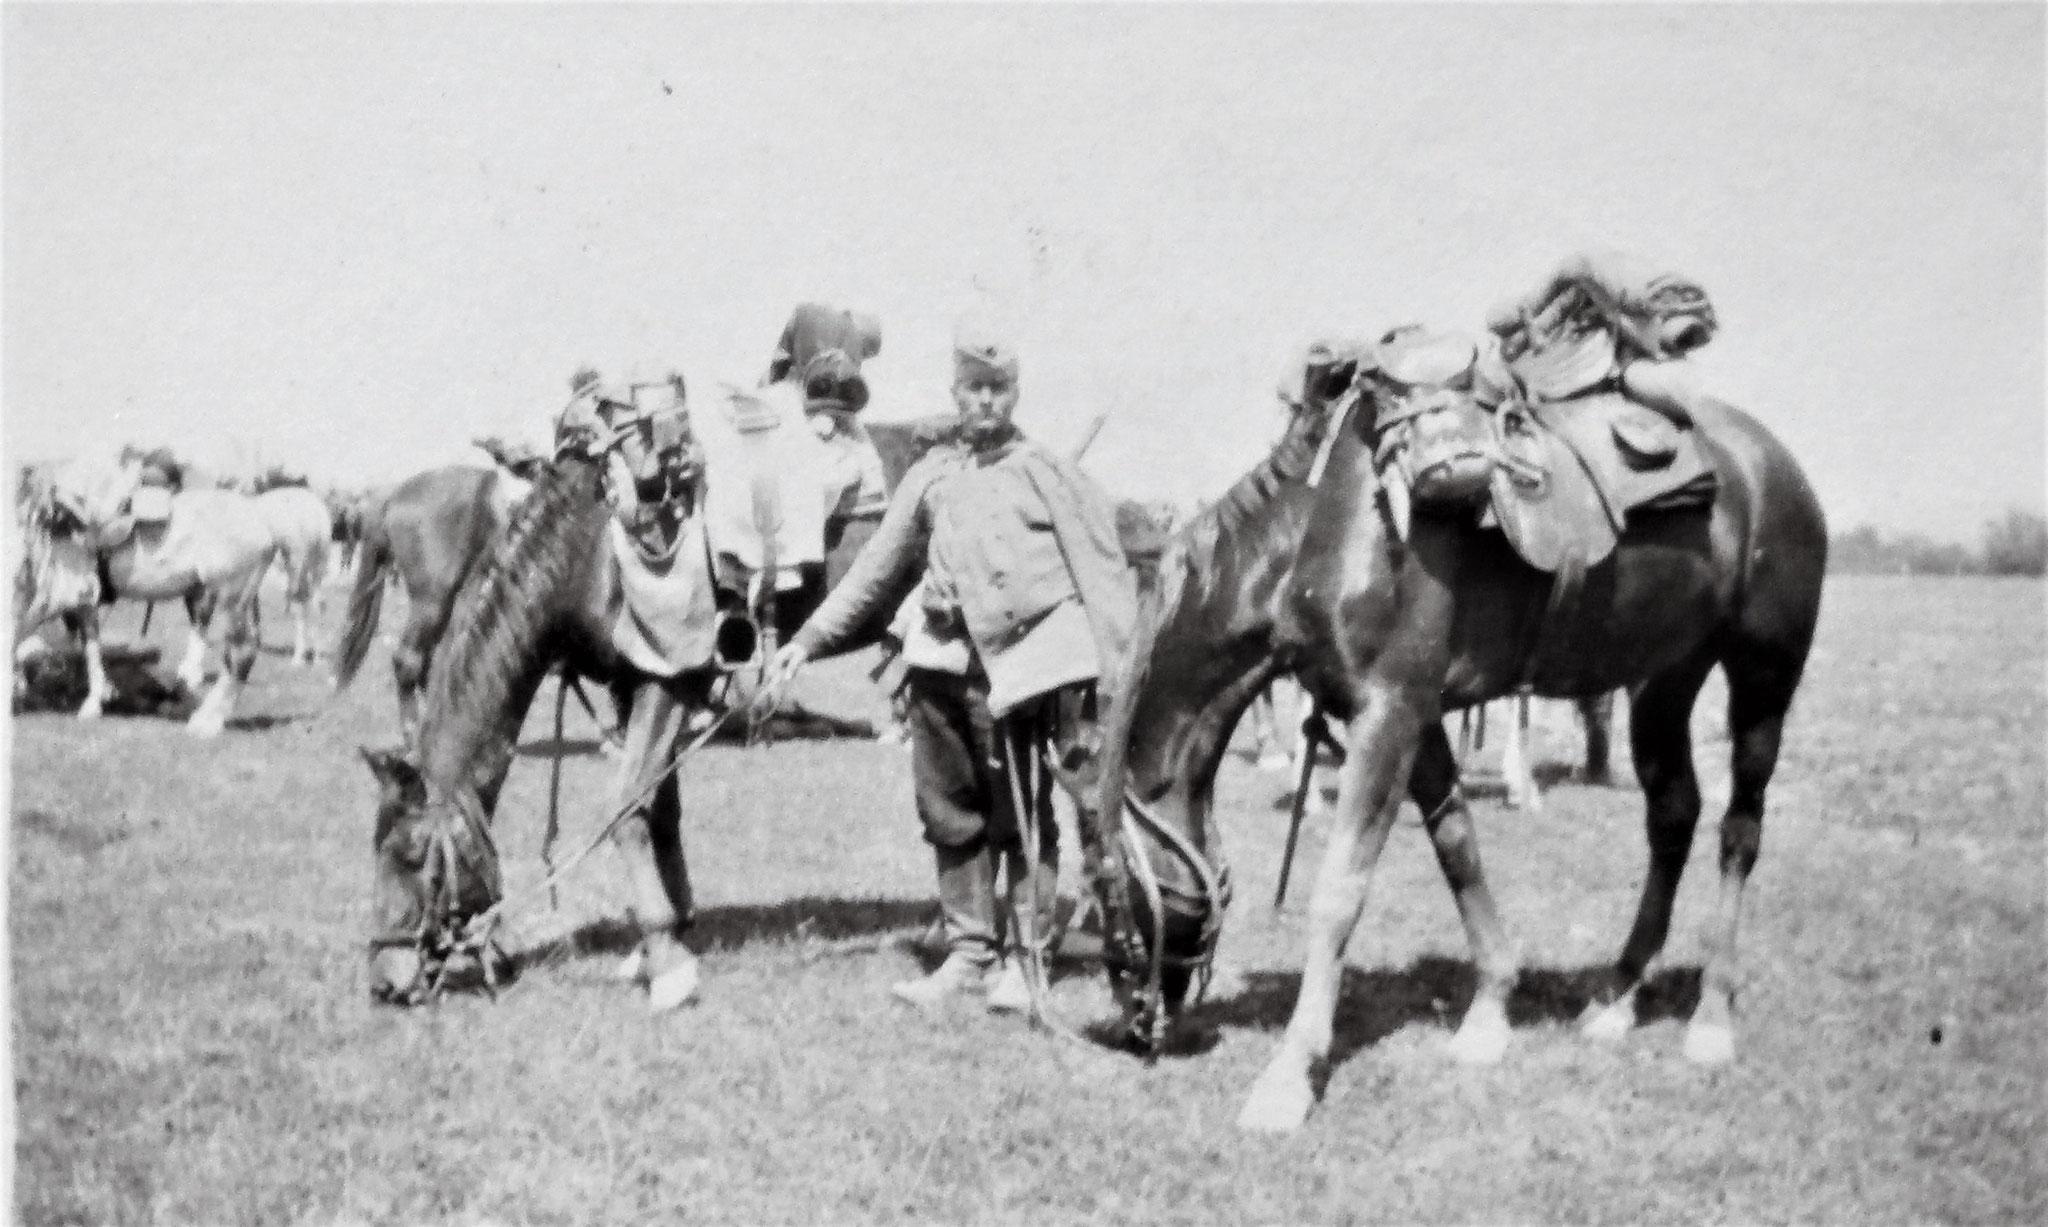 Sulkowskis Chargepferd Nepos mit Drag. Tassolt.